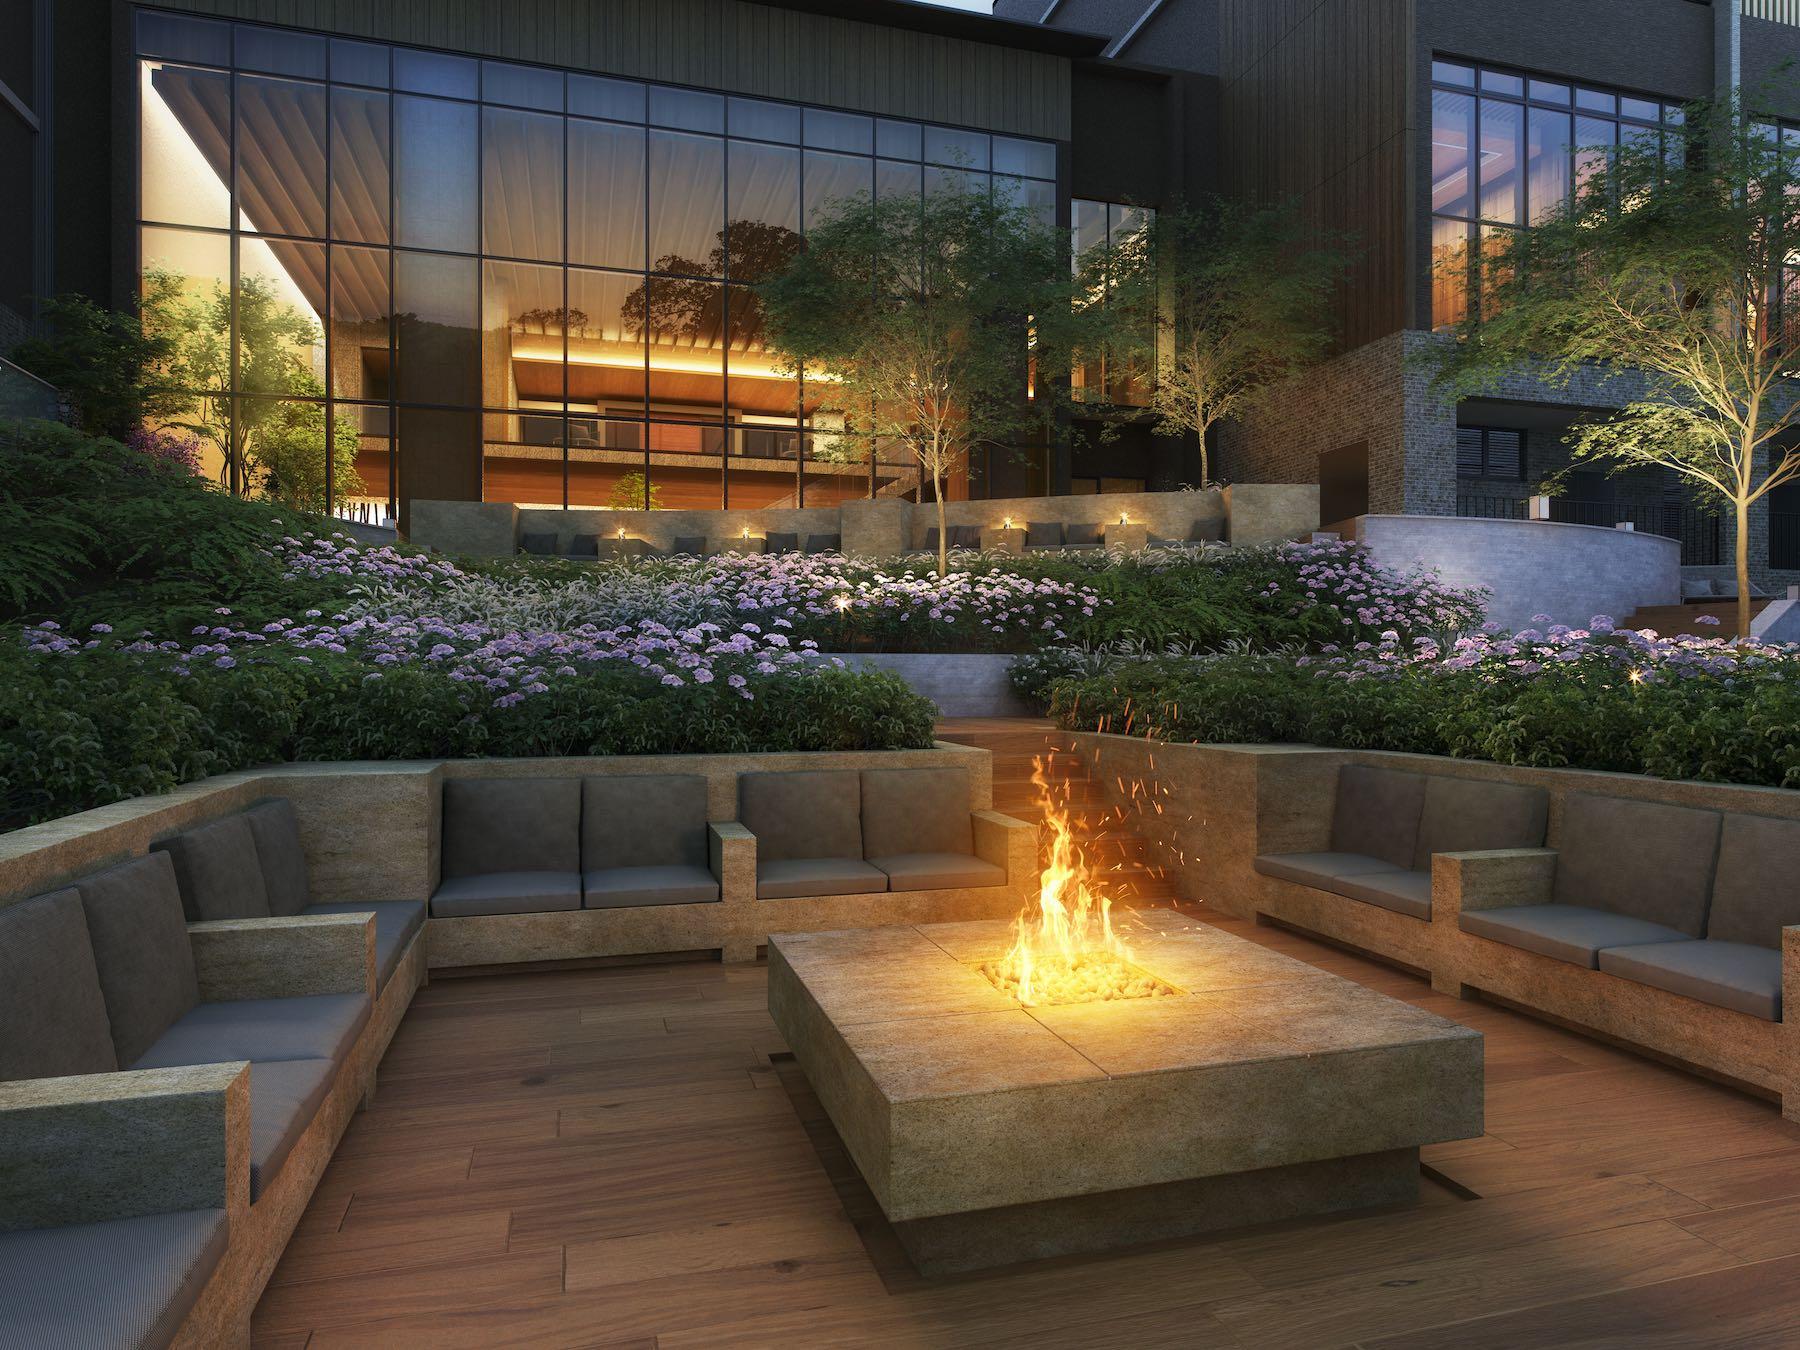 「東急ハーヴェストクラブVIALA鬼怒川渓翠」のテラスに設たファイヤーピット。揺れる炎を眺めながら何も考えずのんびりとした時間を過ごす贅沢を